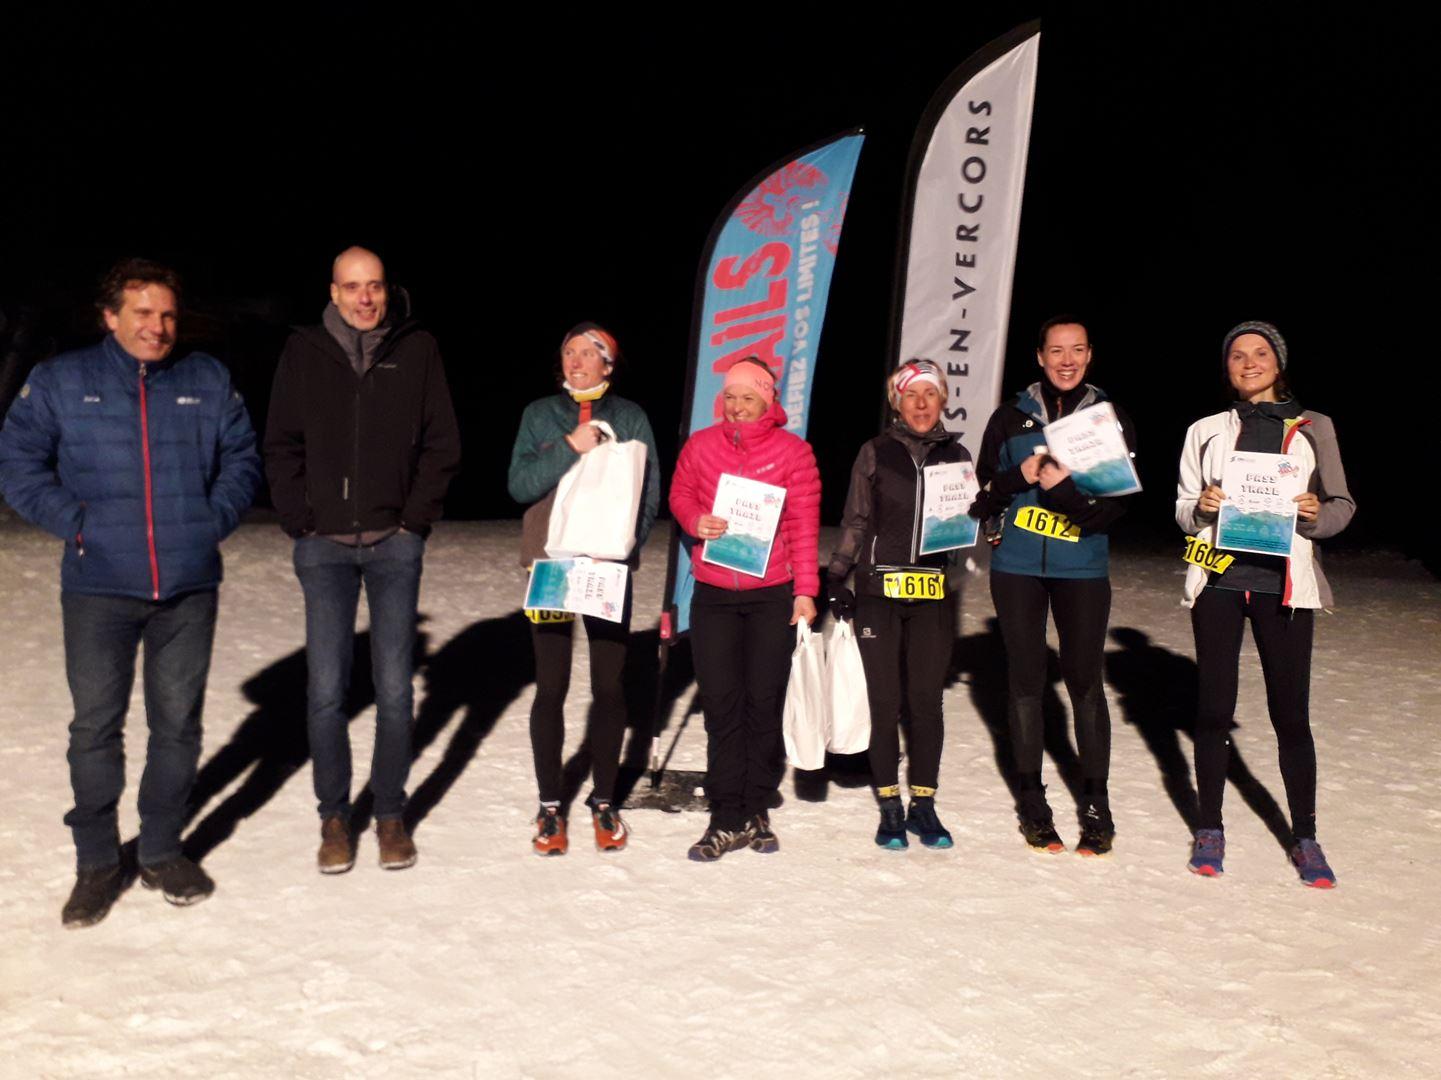 podium femmes 16km - RESULTATS ET PHOTOS DU WINTER SIBOTRAIL LANS EN VERCORS (07/03/2020)